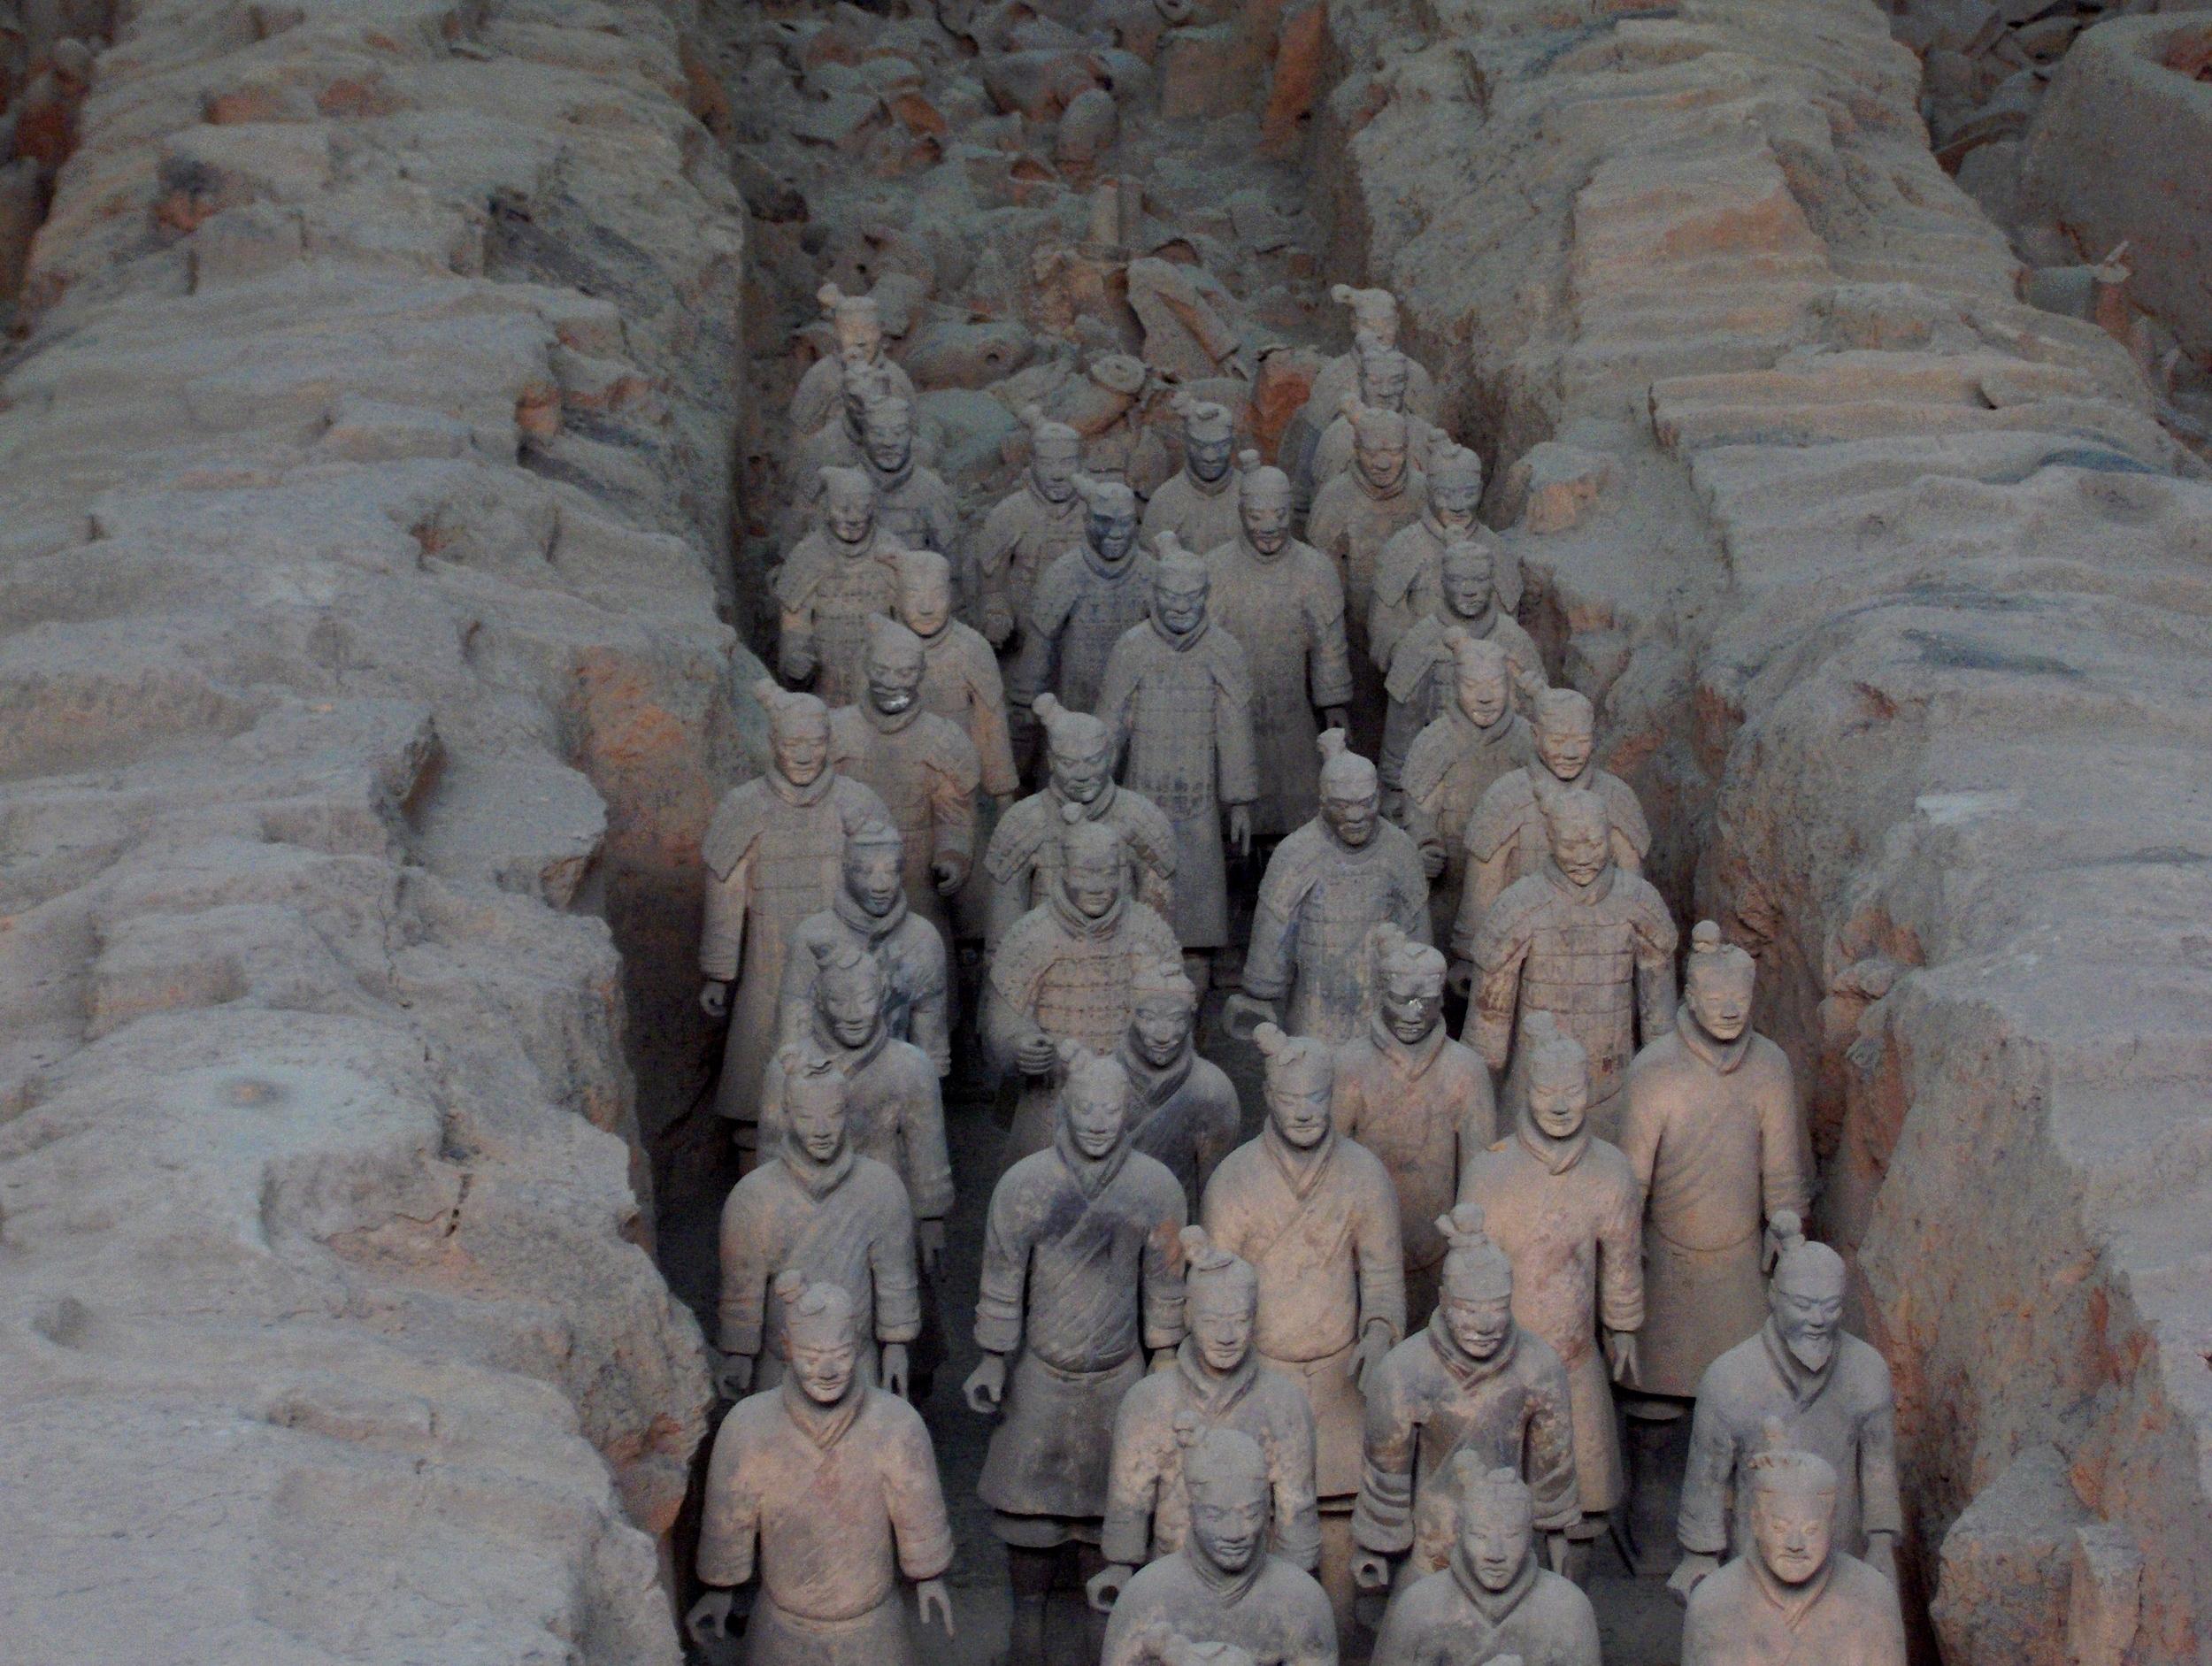 Emperior Qing's Broken Army